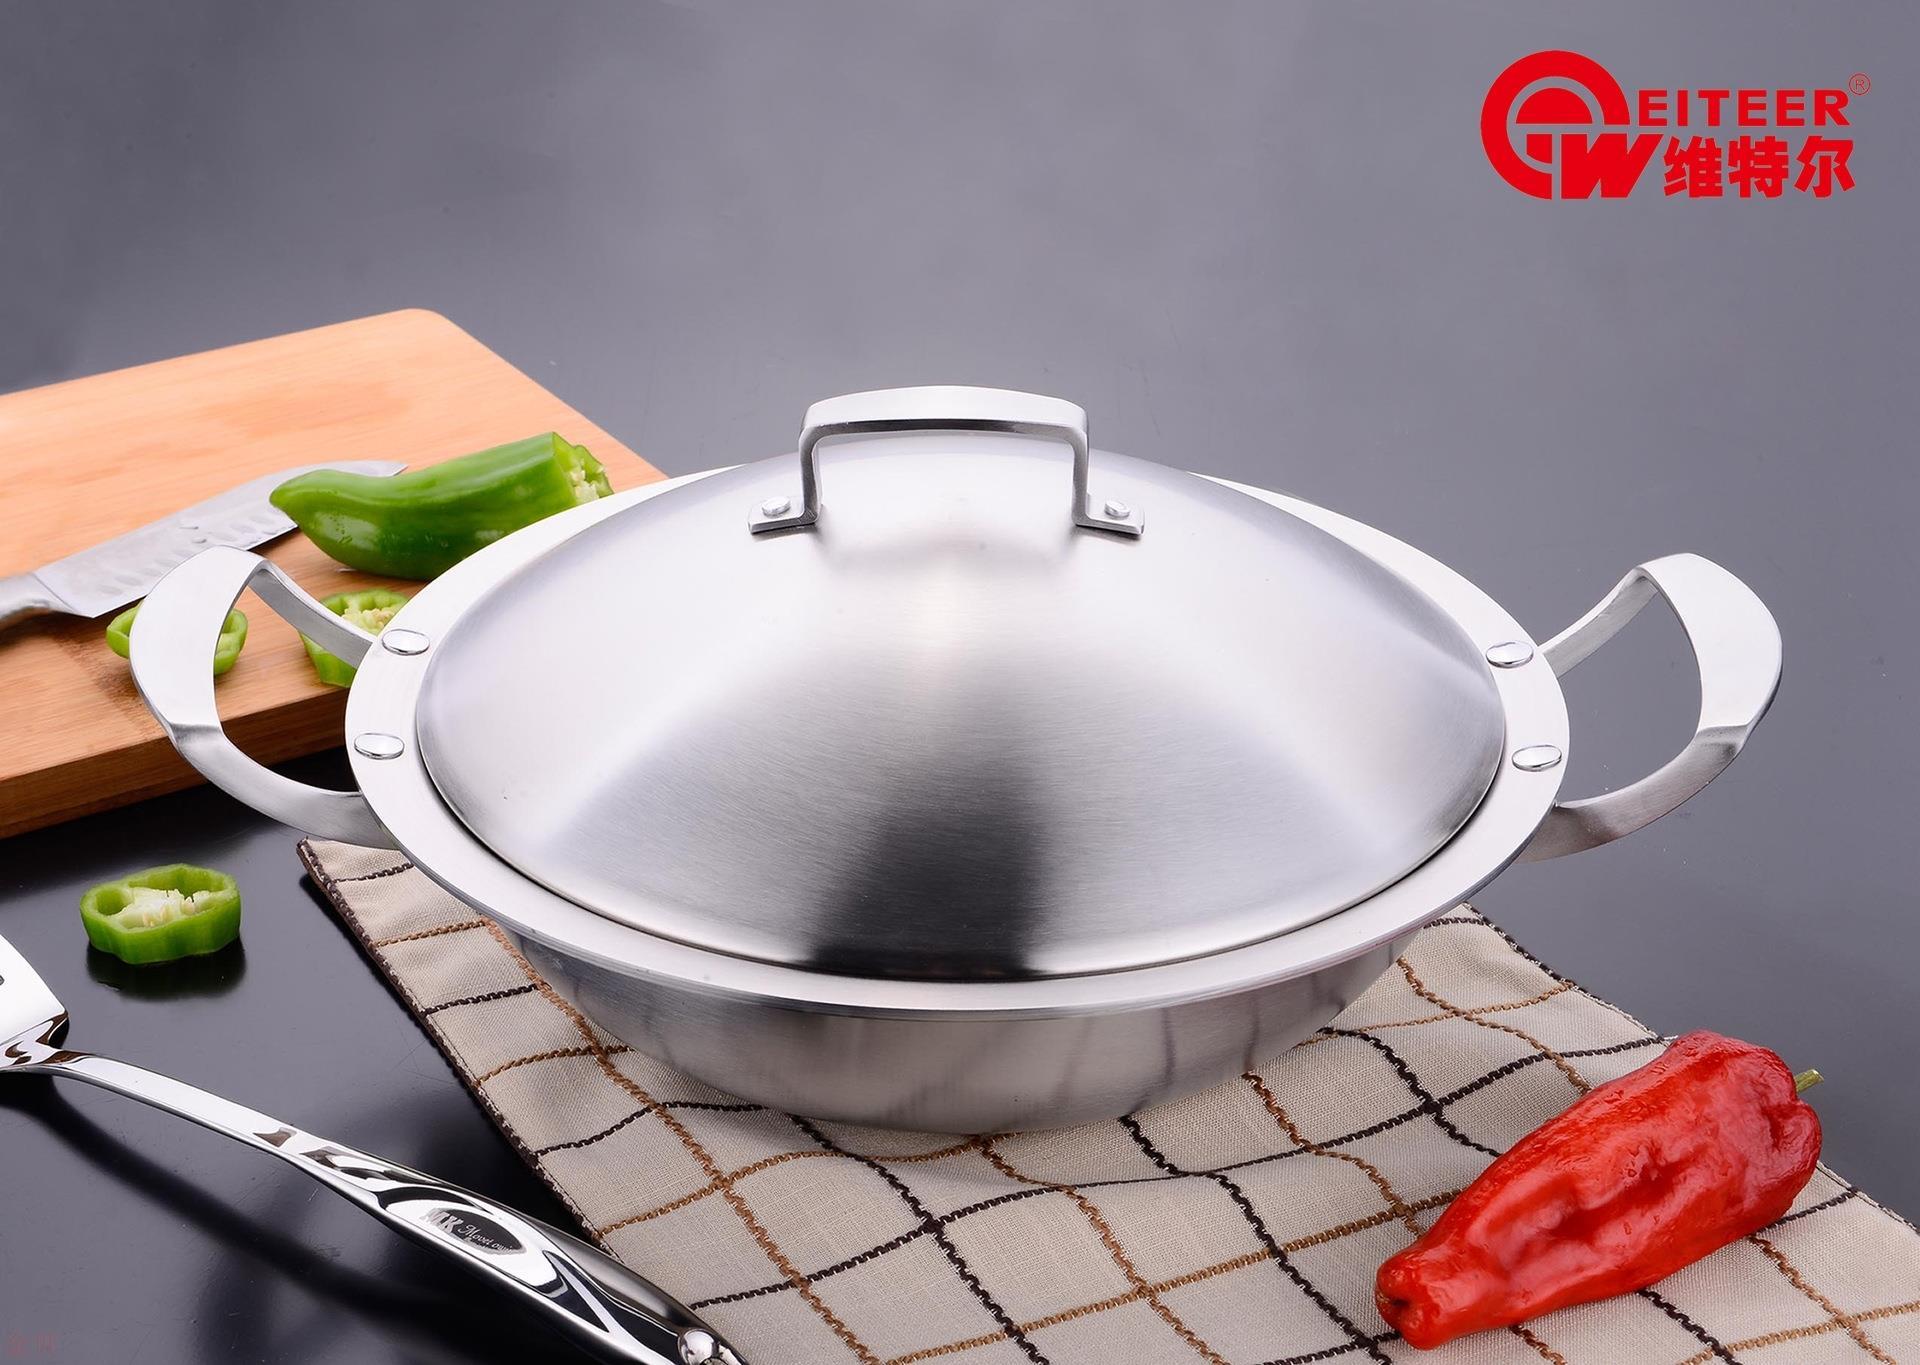 ドイツの工芸の中華双耳の4.0 mm厚さのステンレスの鍋は油煙がなくて、くっつかないで塗りません。